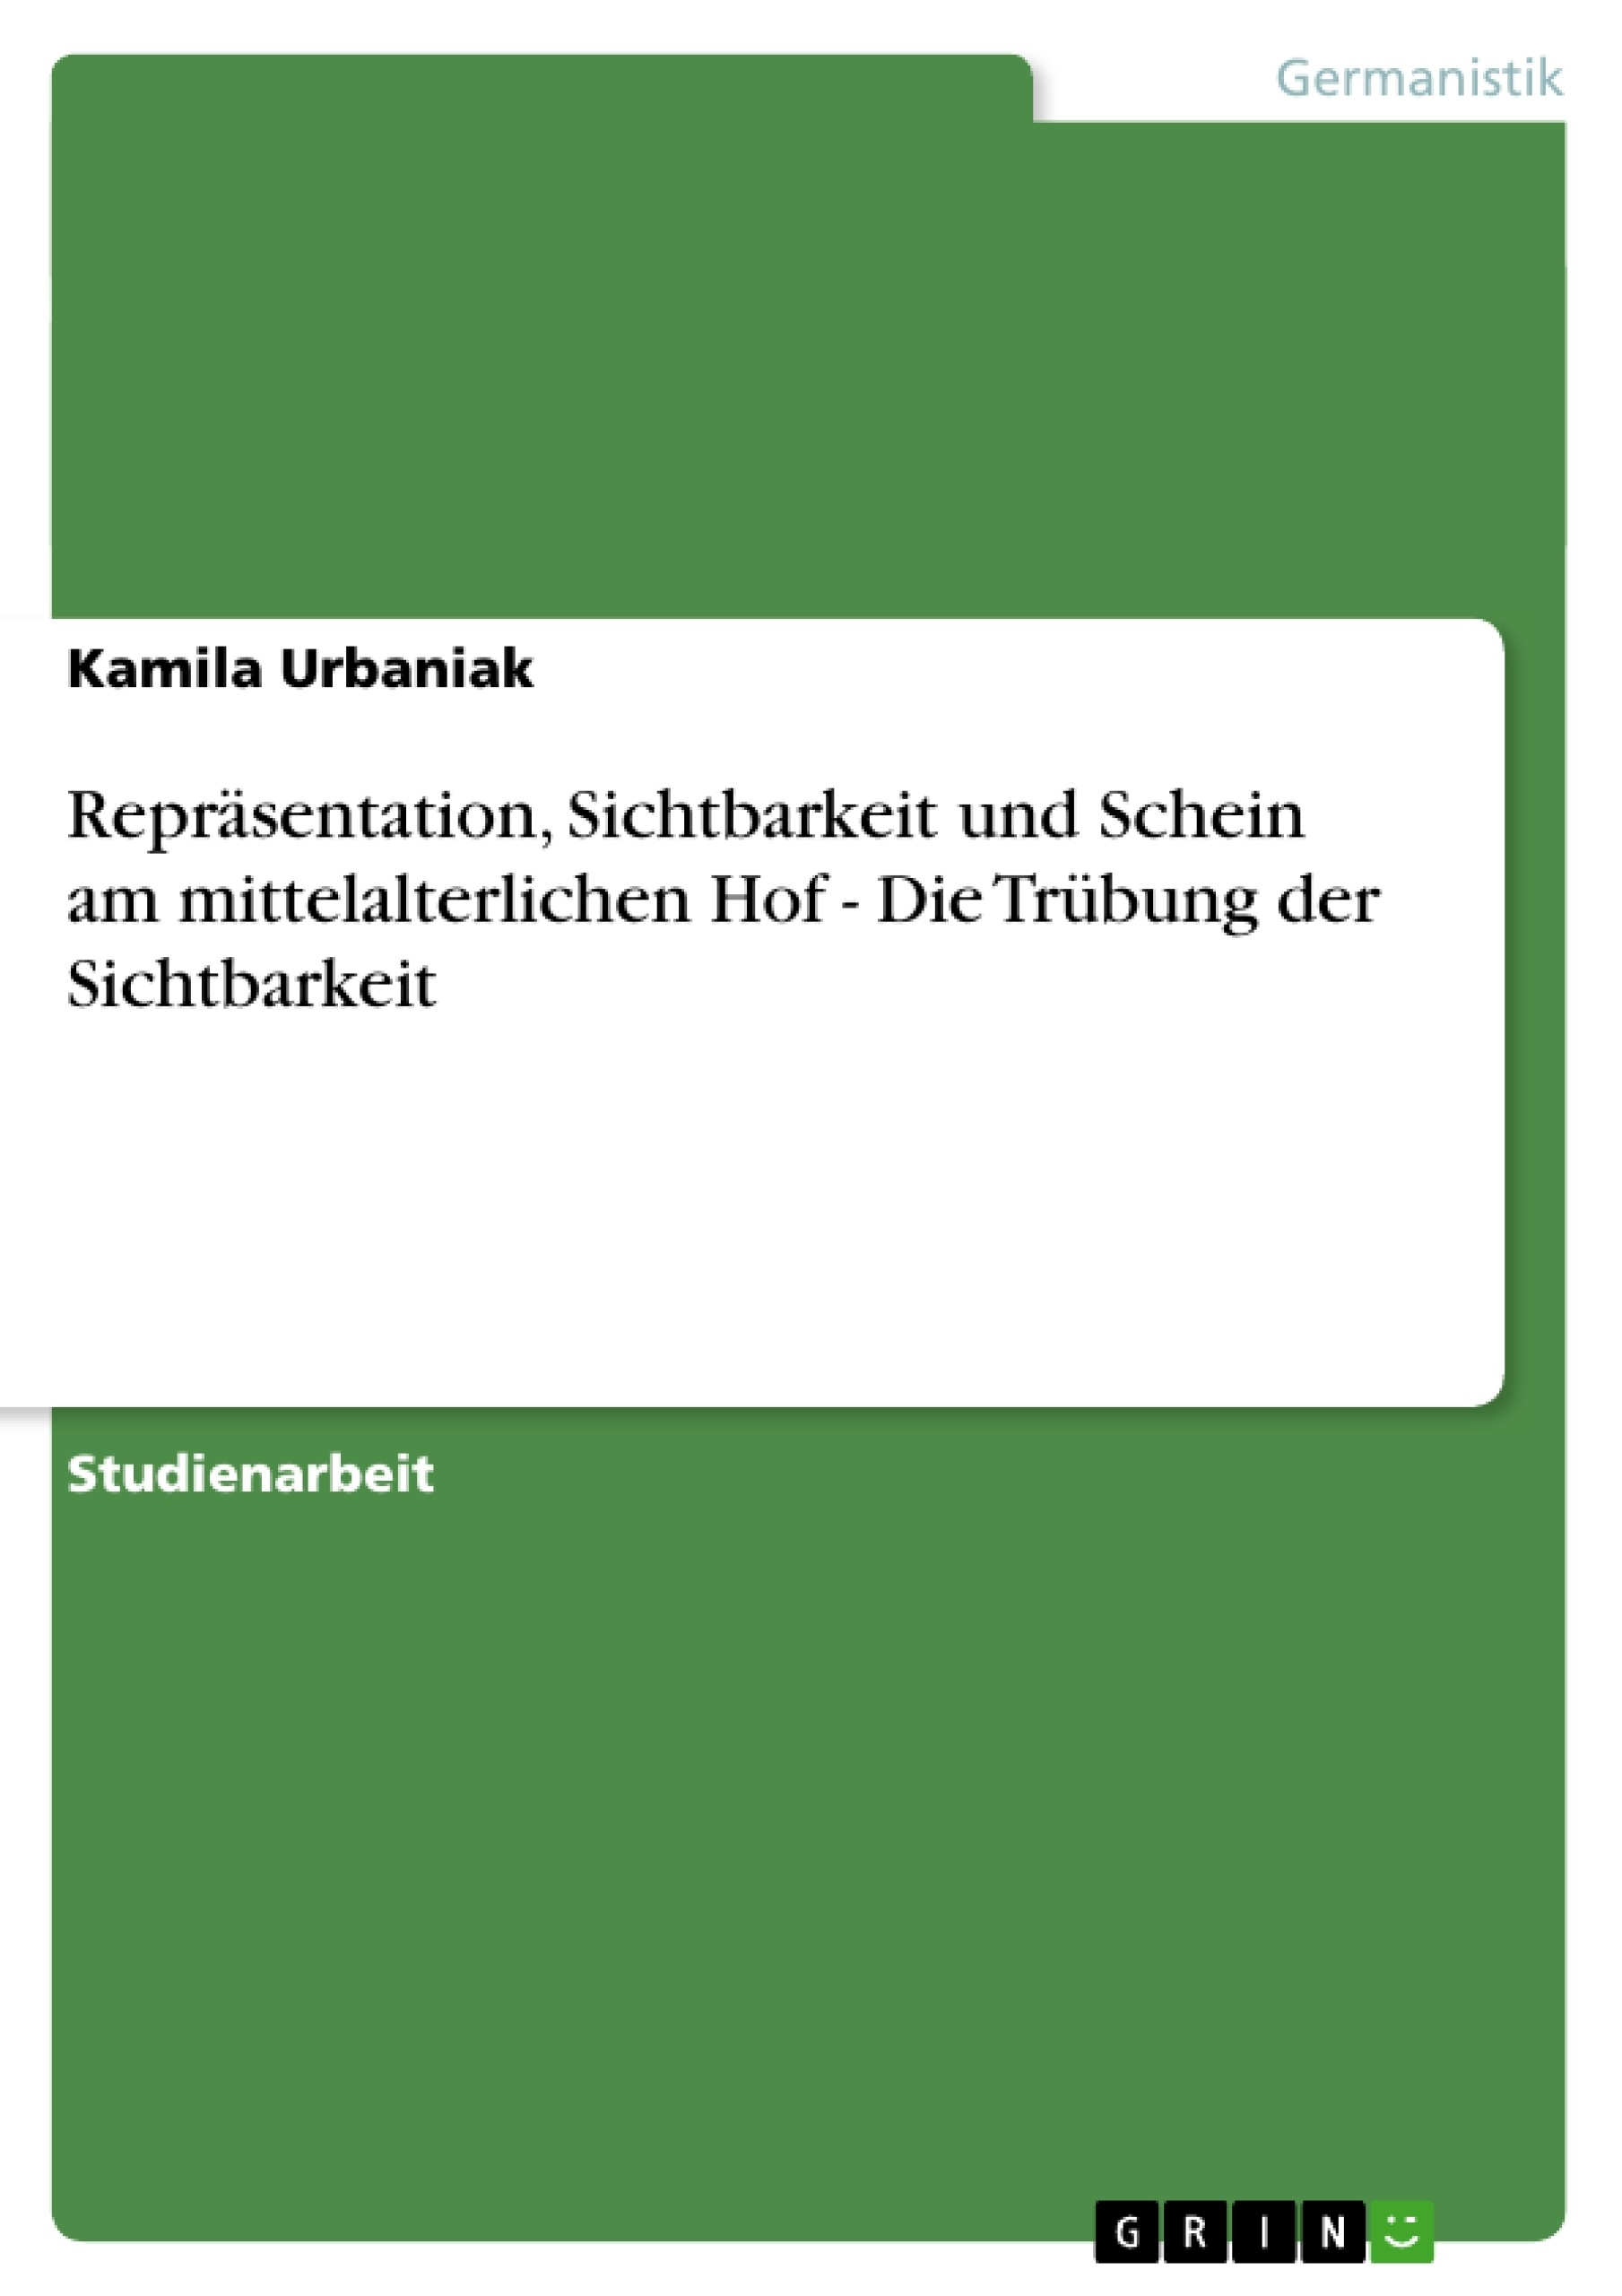 Titel: Repräsentation, Sichtbarkeit und Schein am mittelalterlichen Hof - Die Trübung der Sichtbarkeit